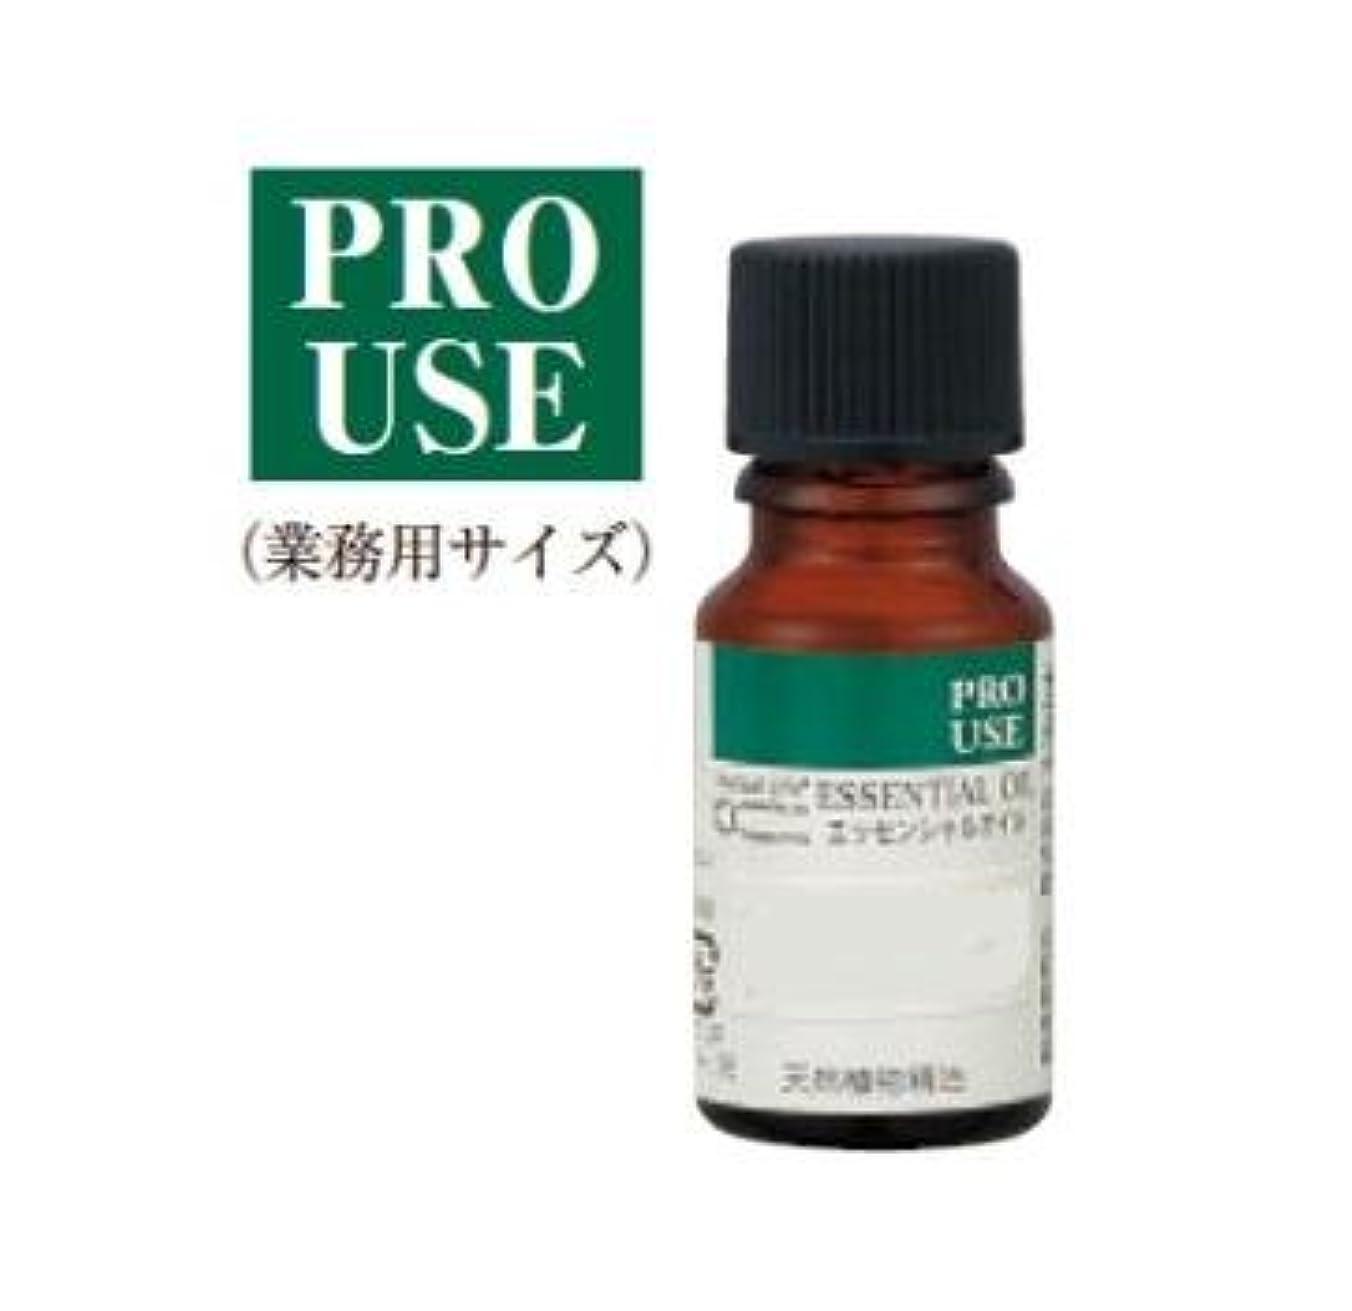 繊維炭素教養がある生活の木 ジャスミンAbs.10ml エッセンシャルオイル/精油